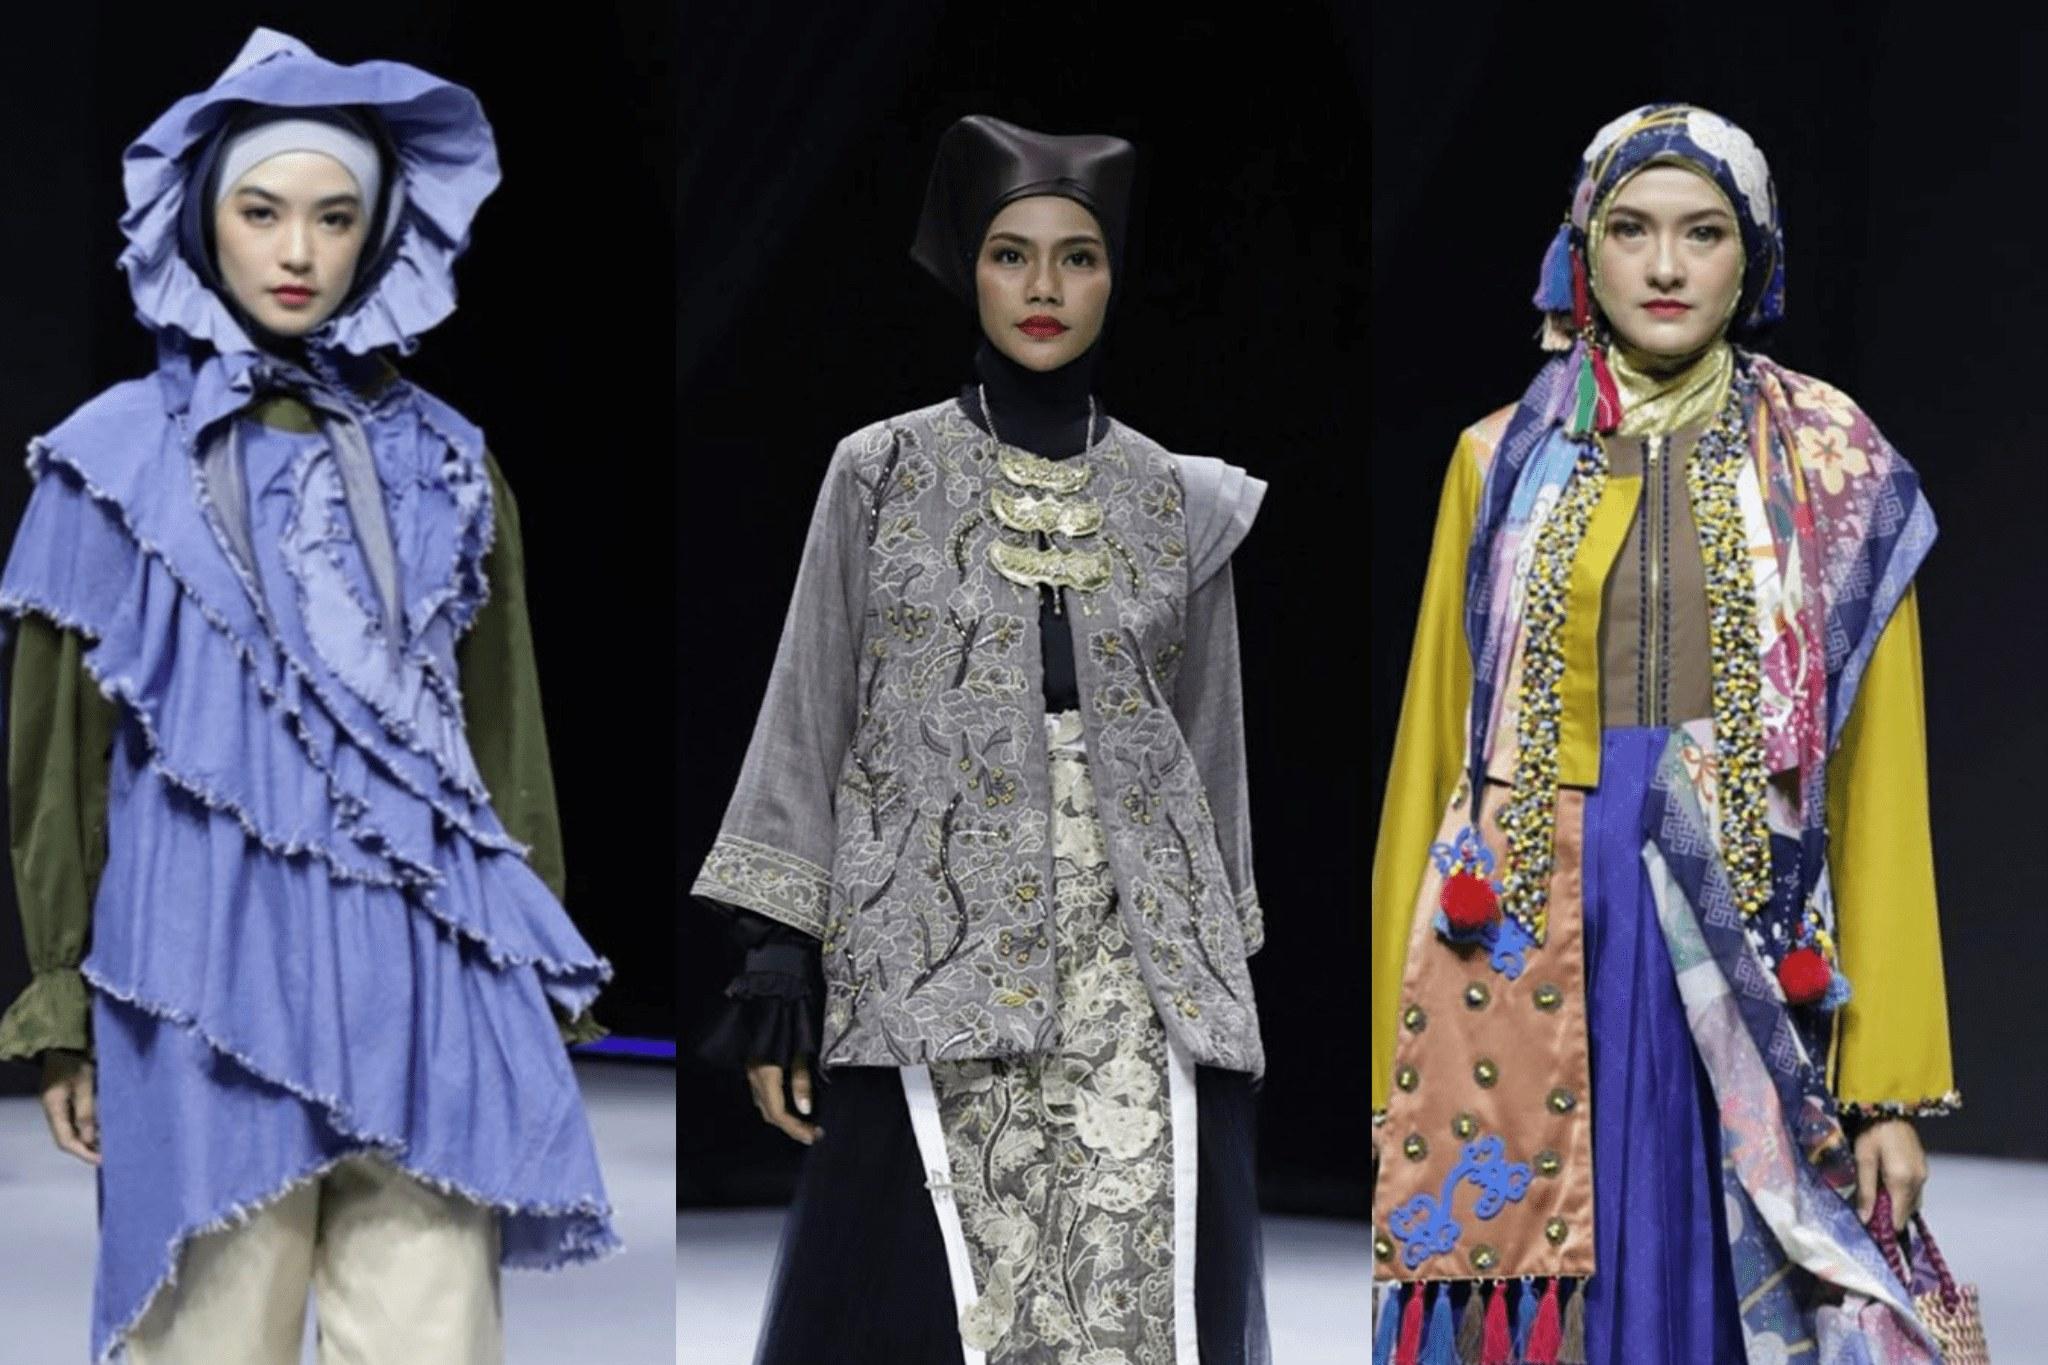 Inspirasi Model Baju Lebaran 2020 Wddj Inspirasi Model Baju Lebaran 2020 Dari Para Desainer